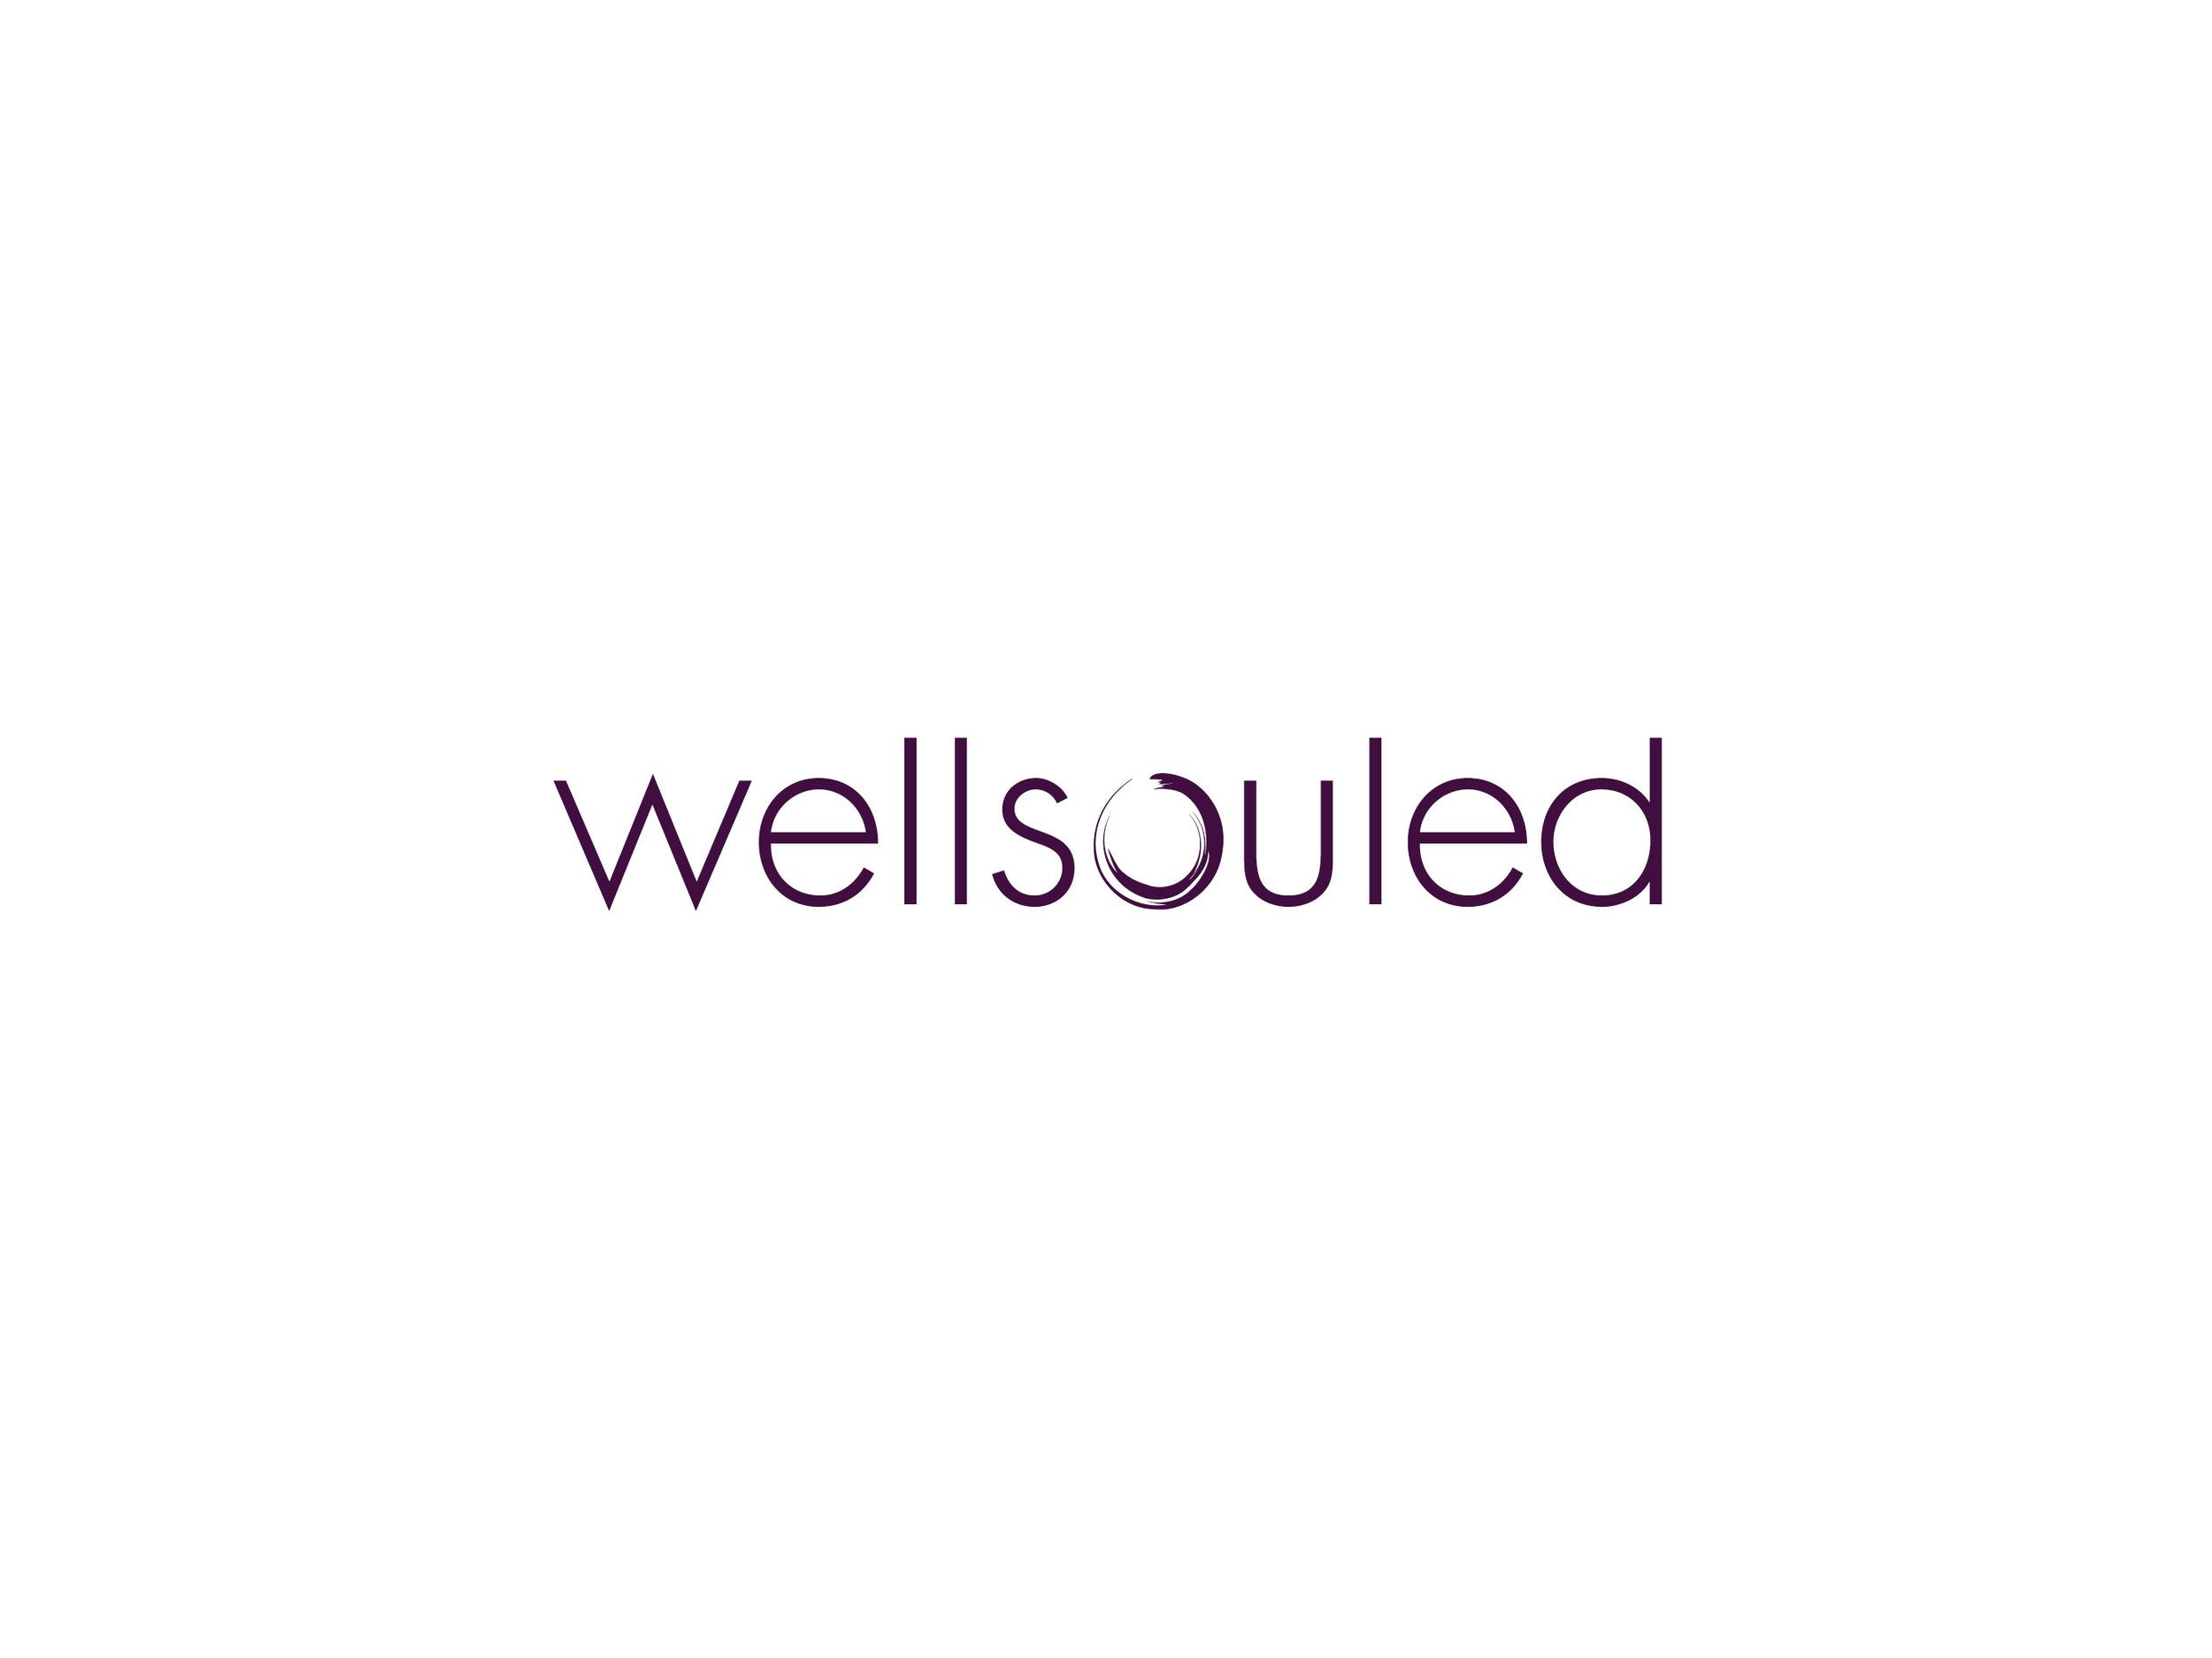 Case Study - Wellsouled25.jpg